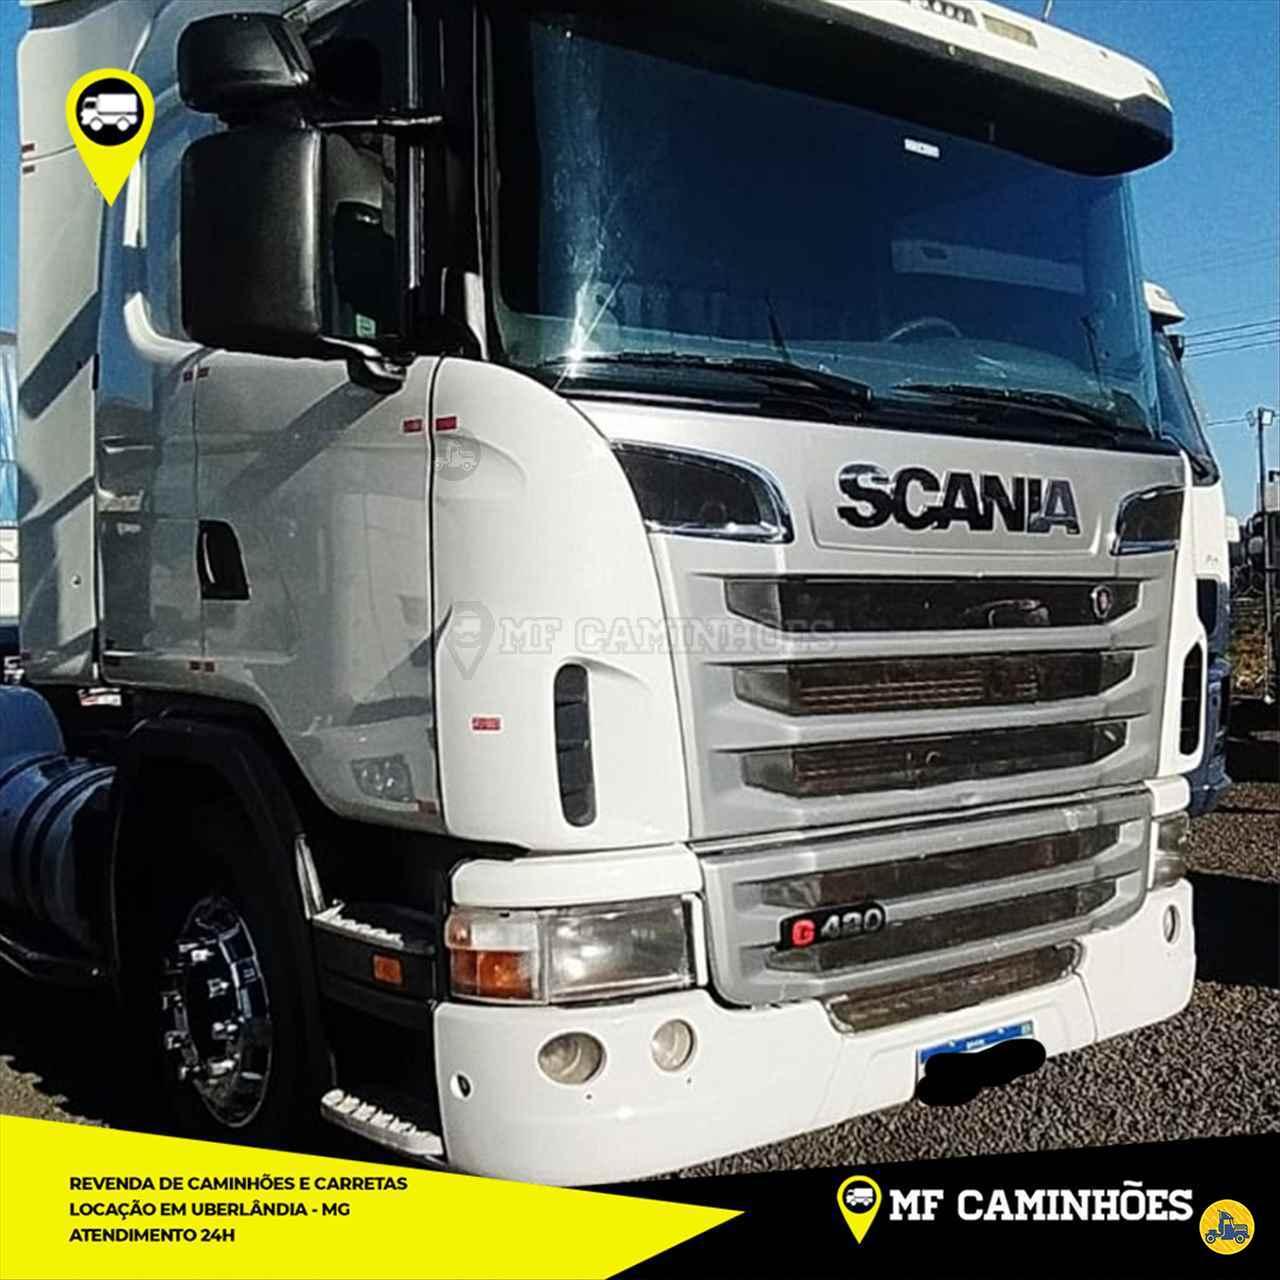 CAMINHAO SCANIA SCANIA 420 Cavalo Mecânico Truck 6x2 MF Caminhões UBERLANDIA MINAS GERAIS MG